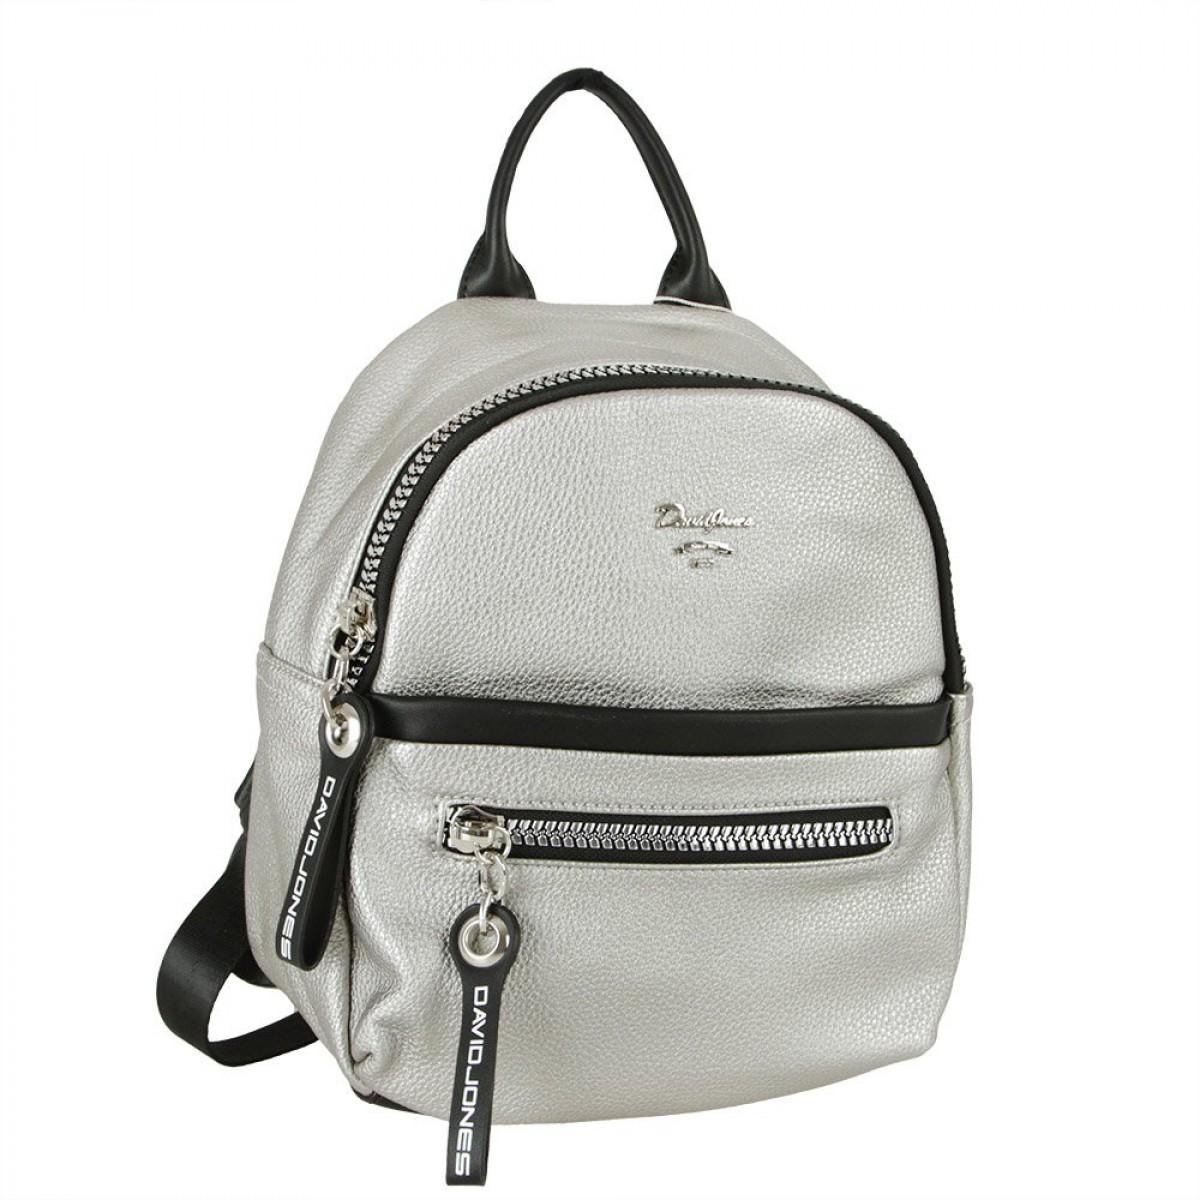 Жіночий рюкзак David Jones CM5765 SILVER